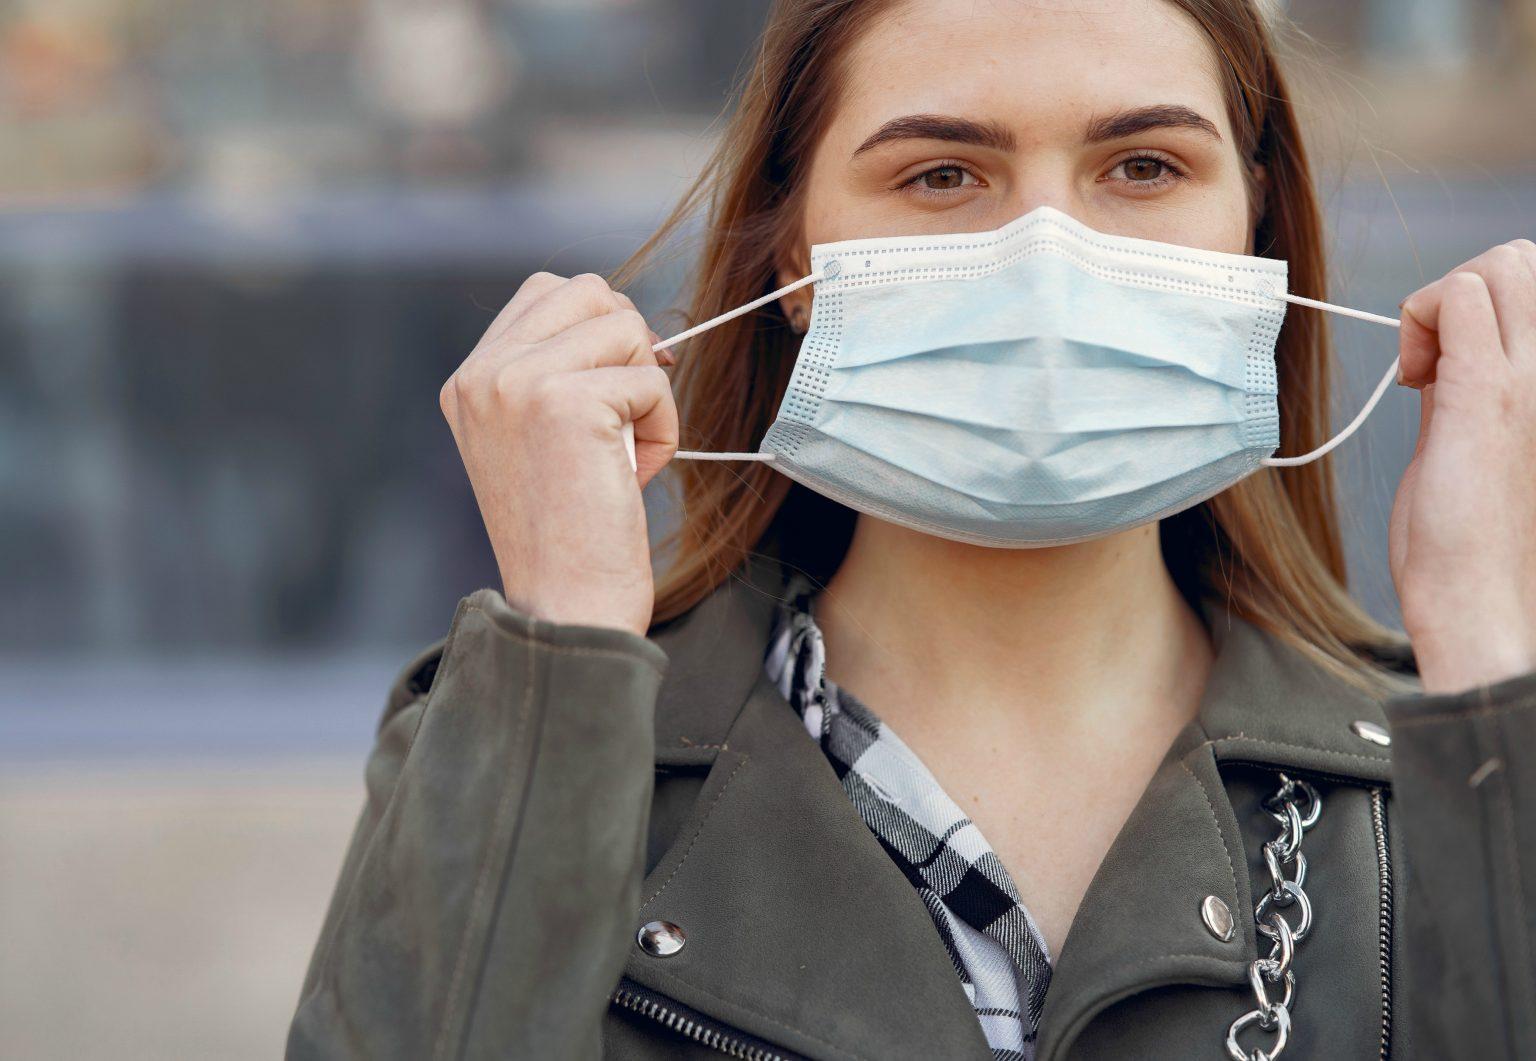 Prefeitura de São Paulo cogita suspender uso obrigatório de máscara